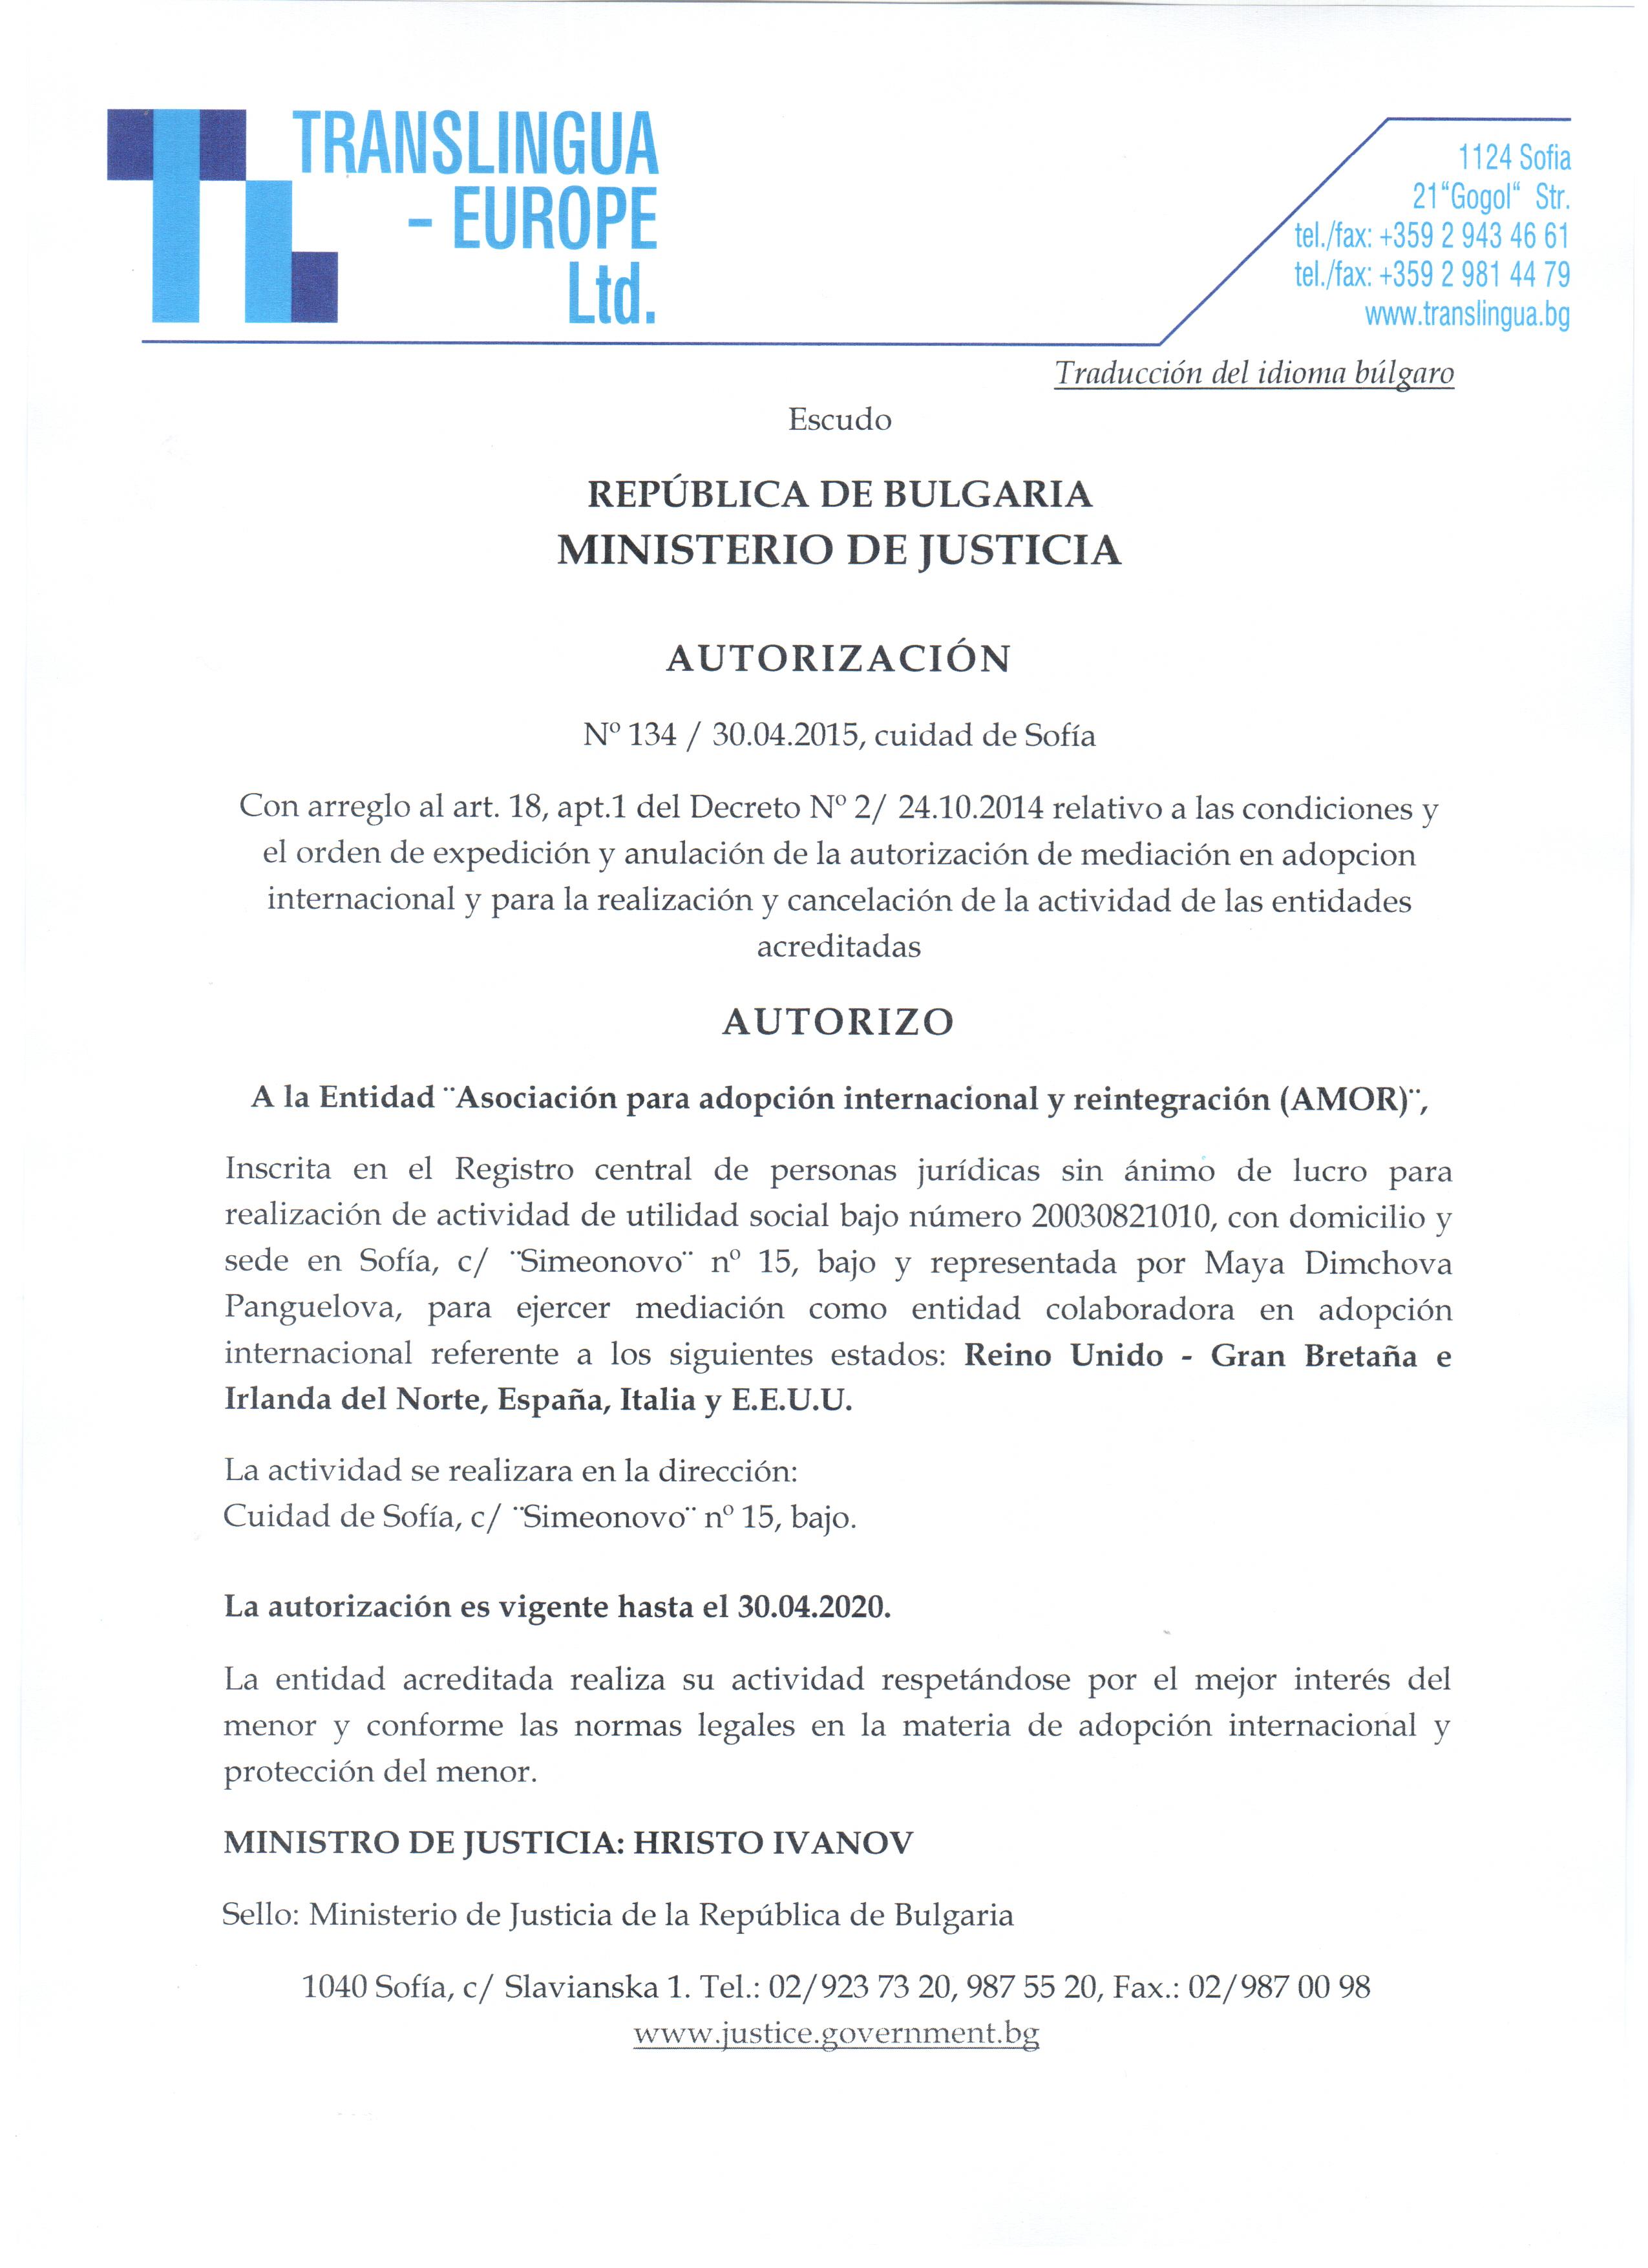 Acreditacion_esp15